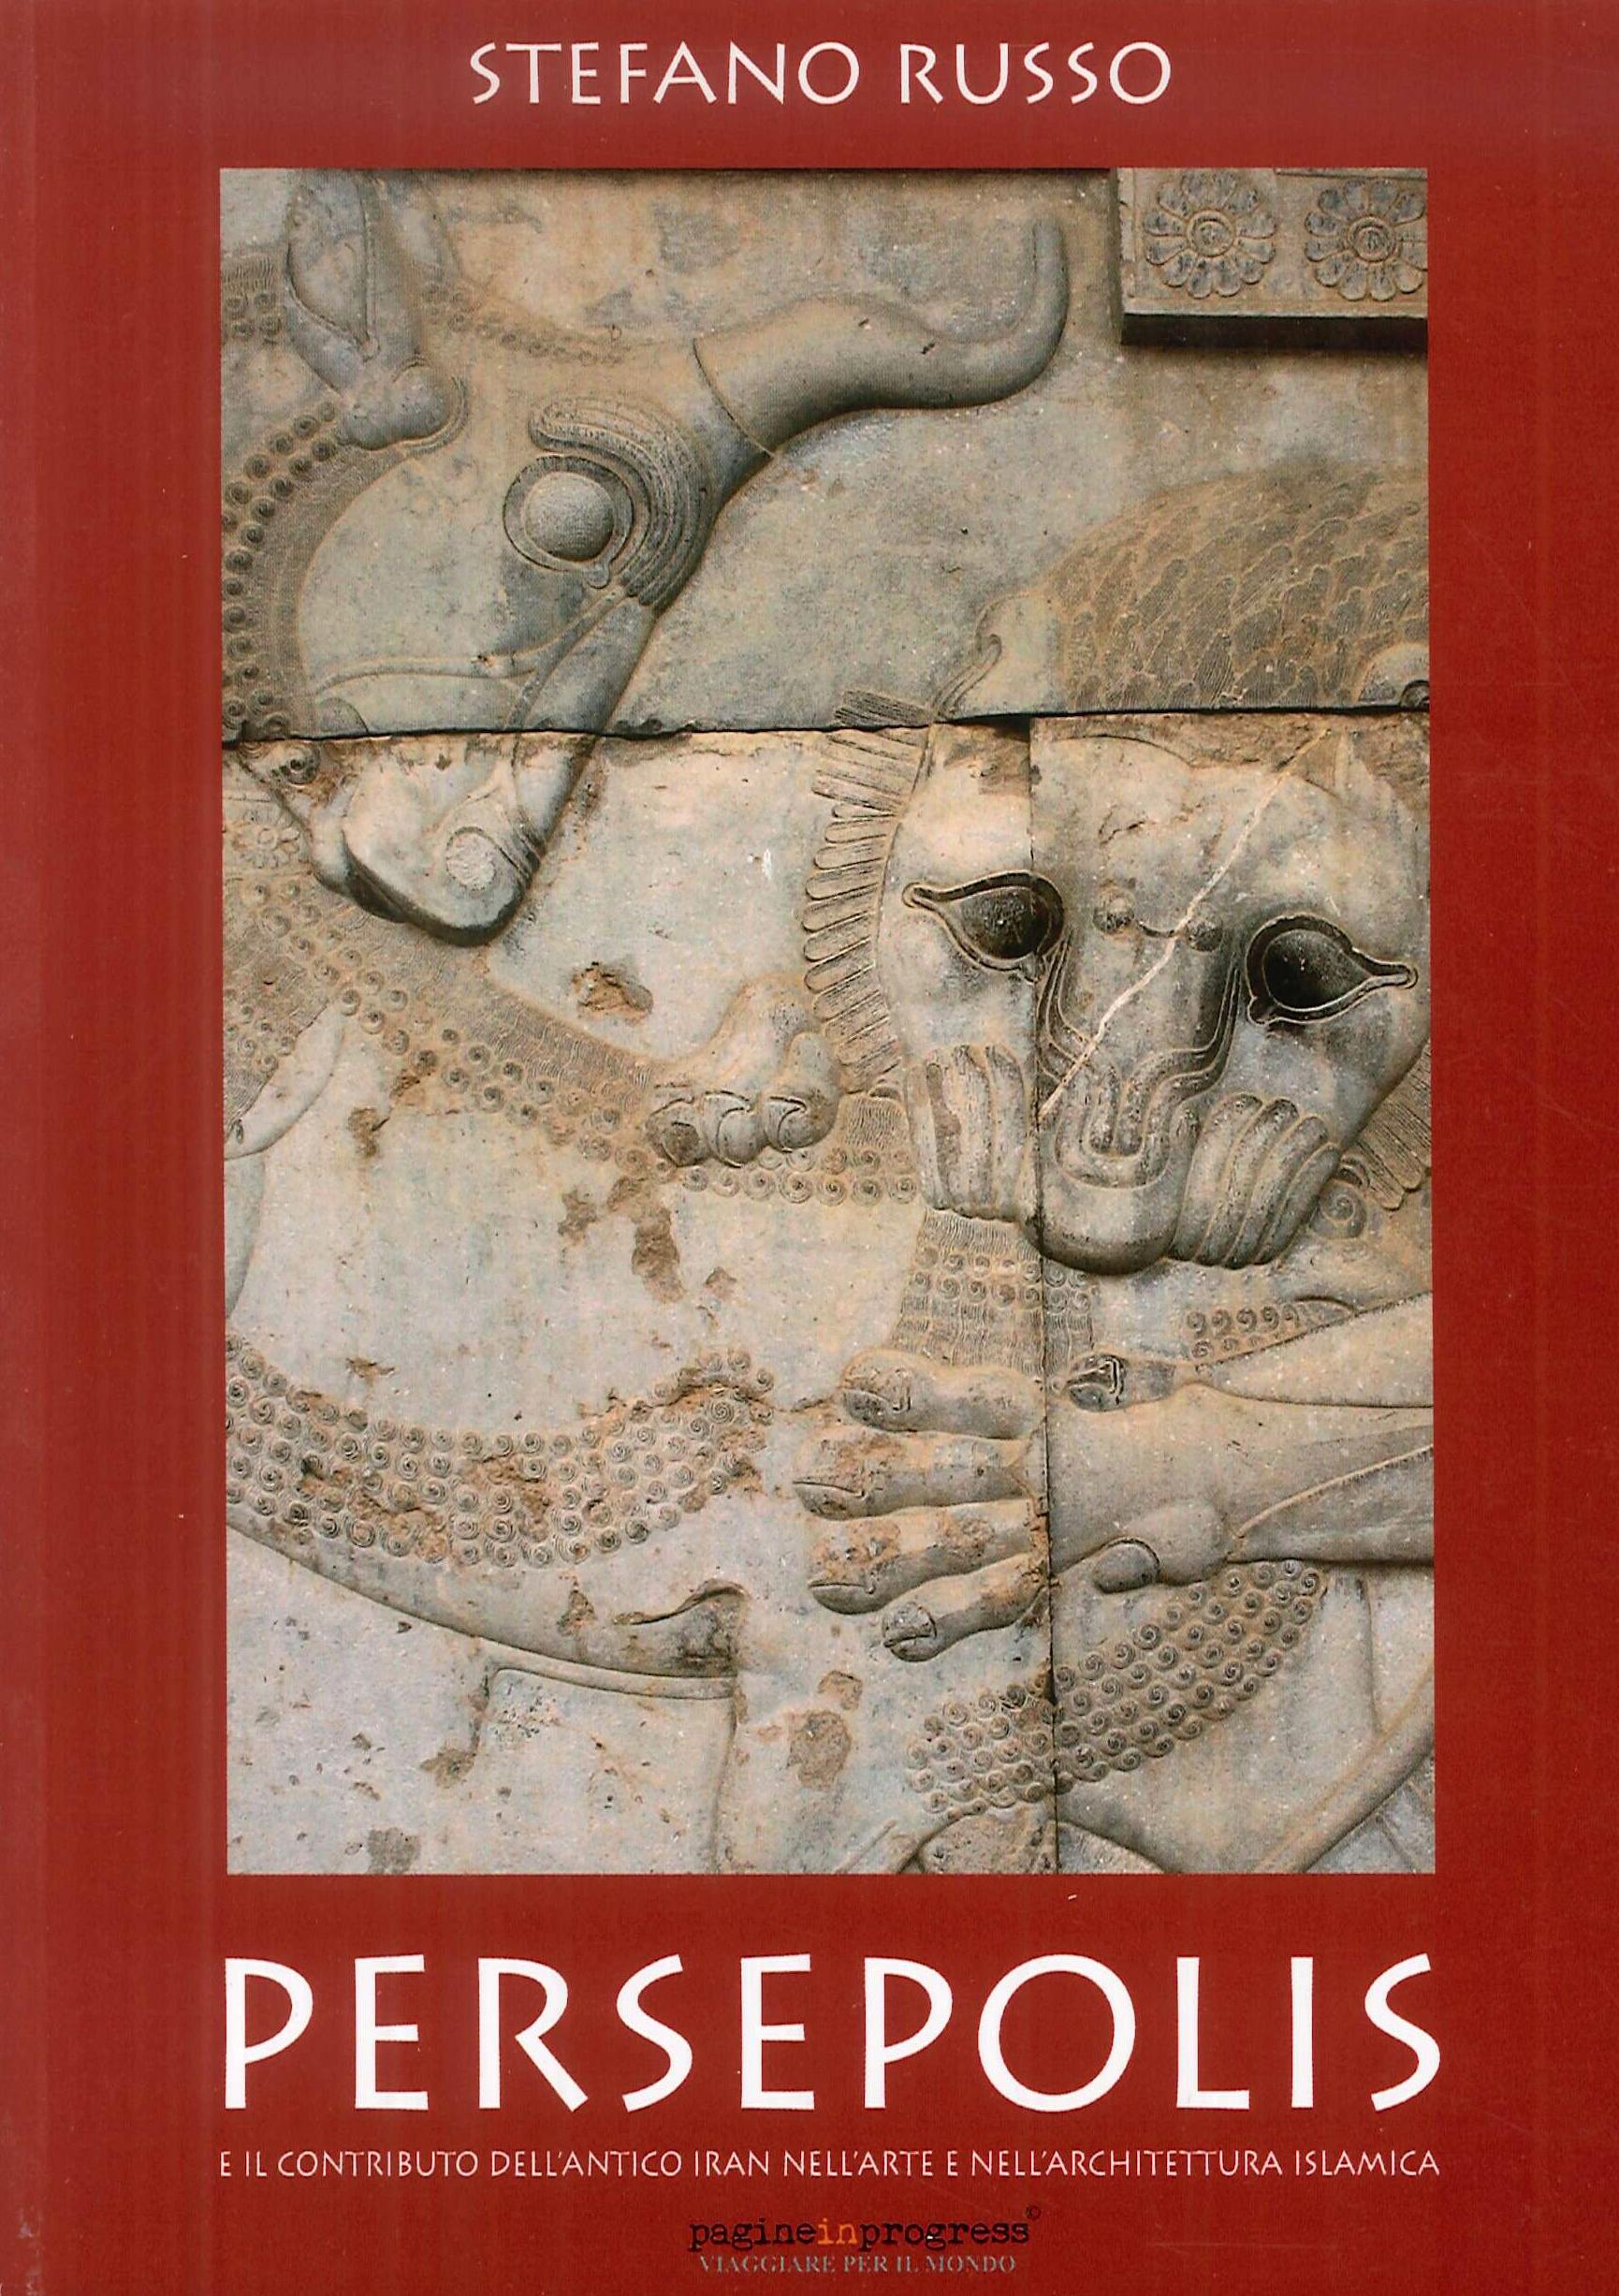 Persepolis e il contributo dell'antico Iran nell'arte e nell'architettura islamica